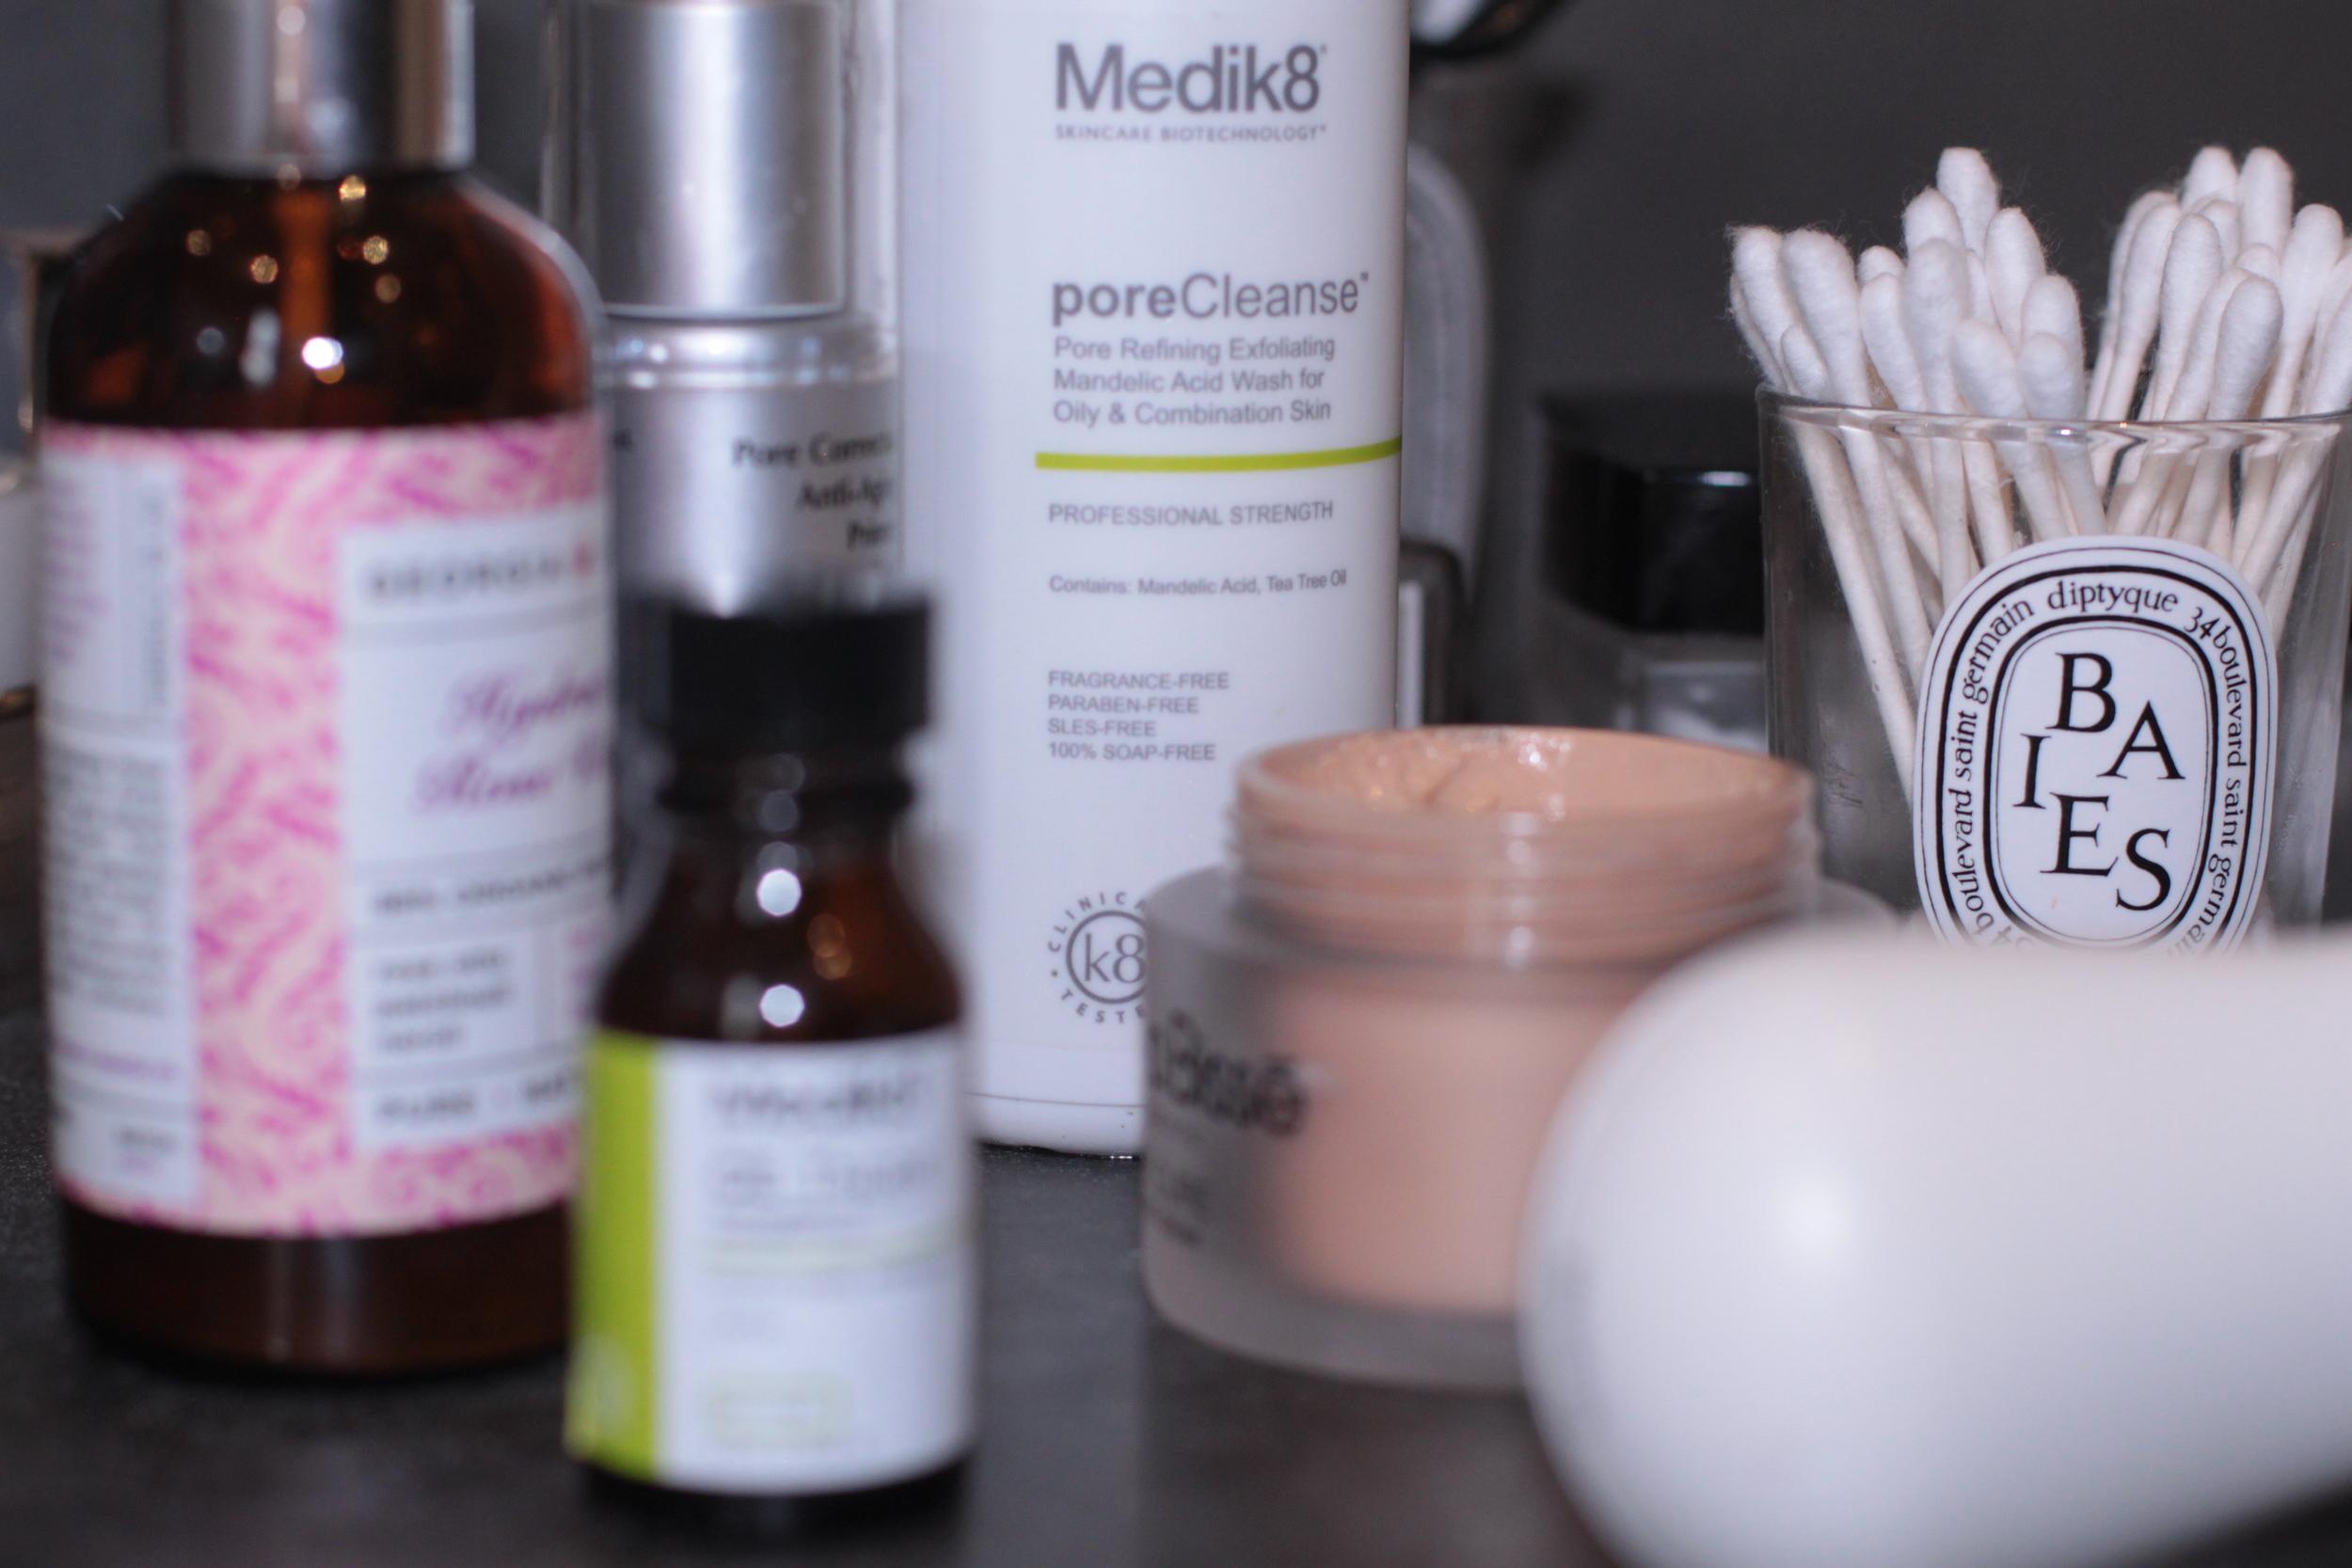 Medik8 pore cleanser